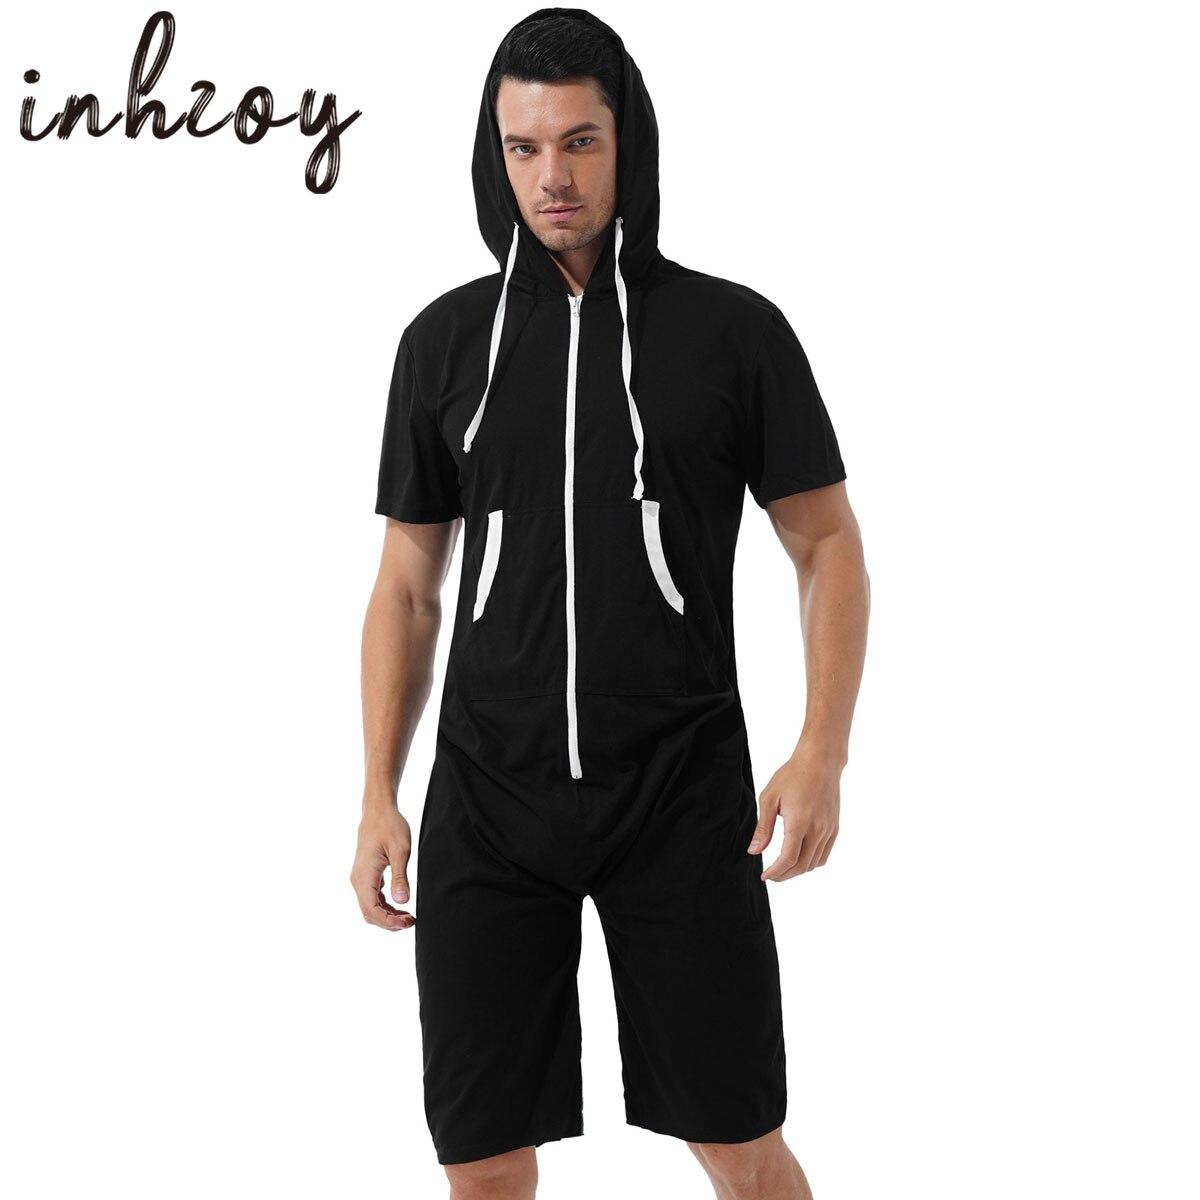 ثوب فضفاض رجالي بقلنسوة بدلة رياضية ملابس غير رسمية كم قصير سحاب قطعة واحدة بذلة ملابس نوم بيجامات